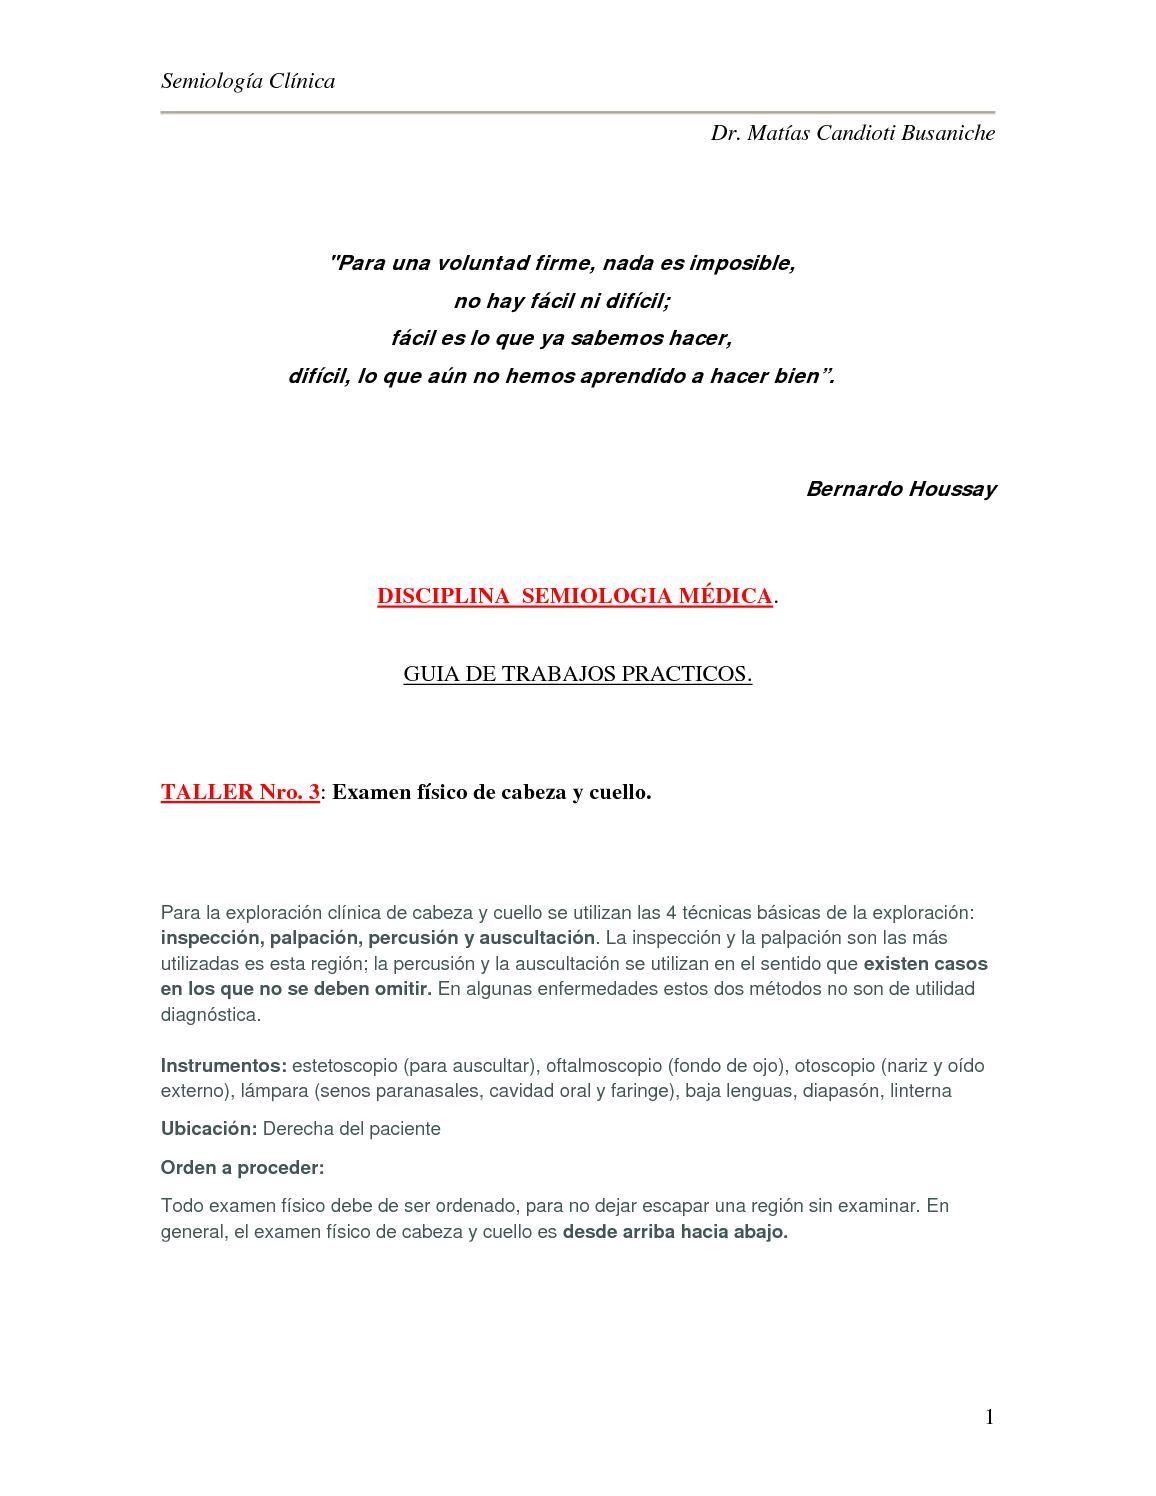 Cuello de Cabeza Calaméo Examen Fisico y OPnw0k